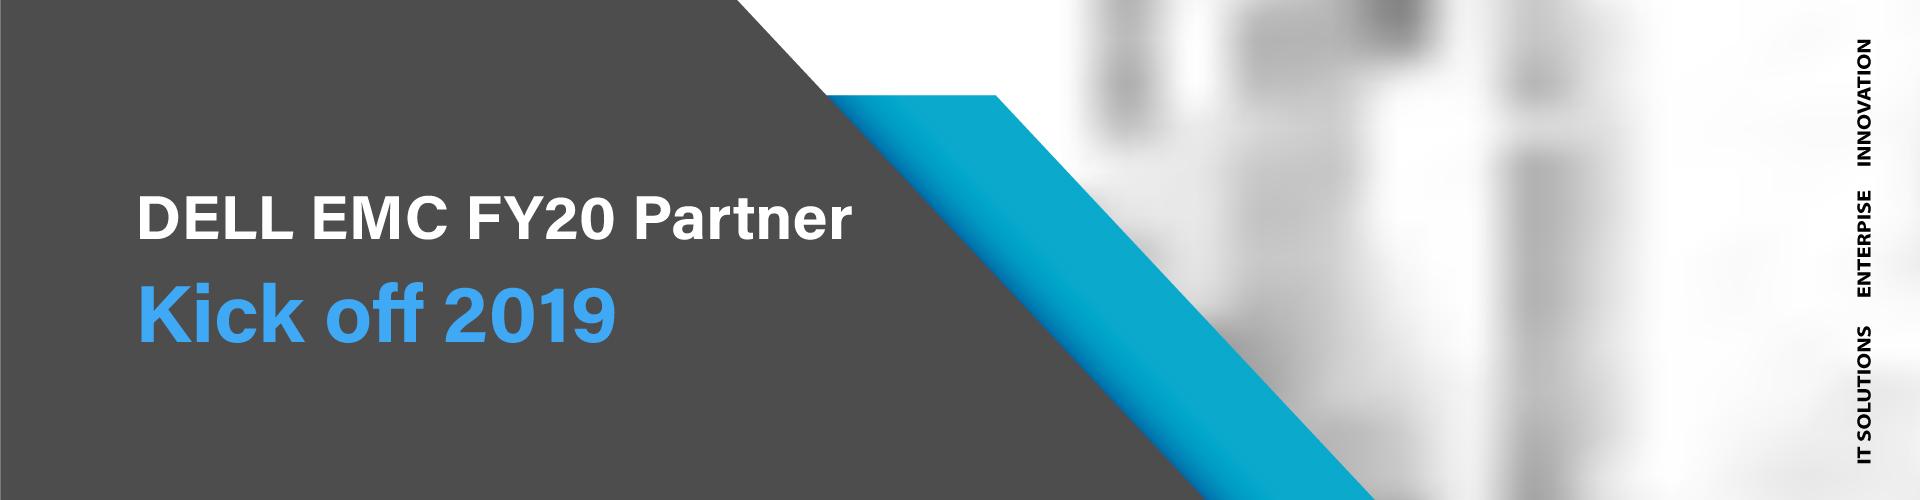 Kick-off-2019DELL-EMC-FY20-Partner.2